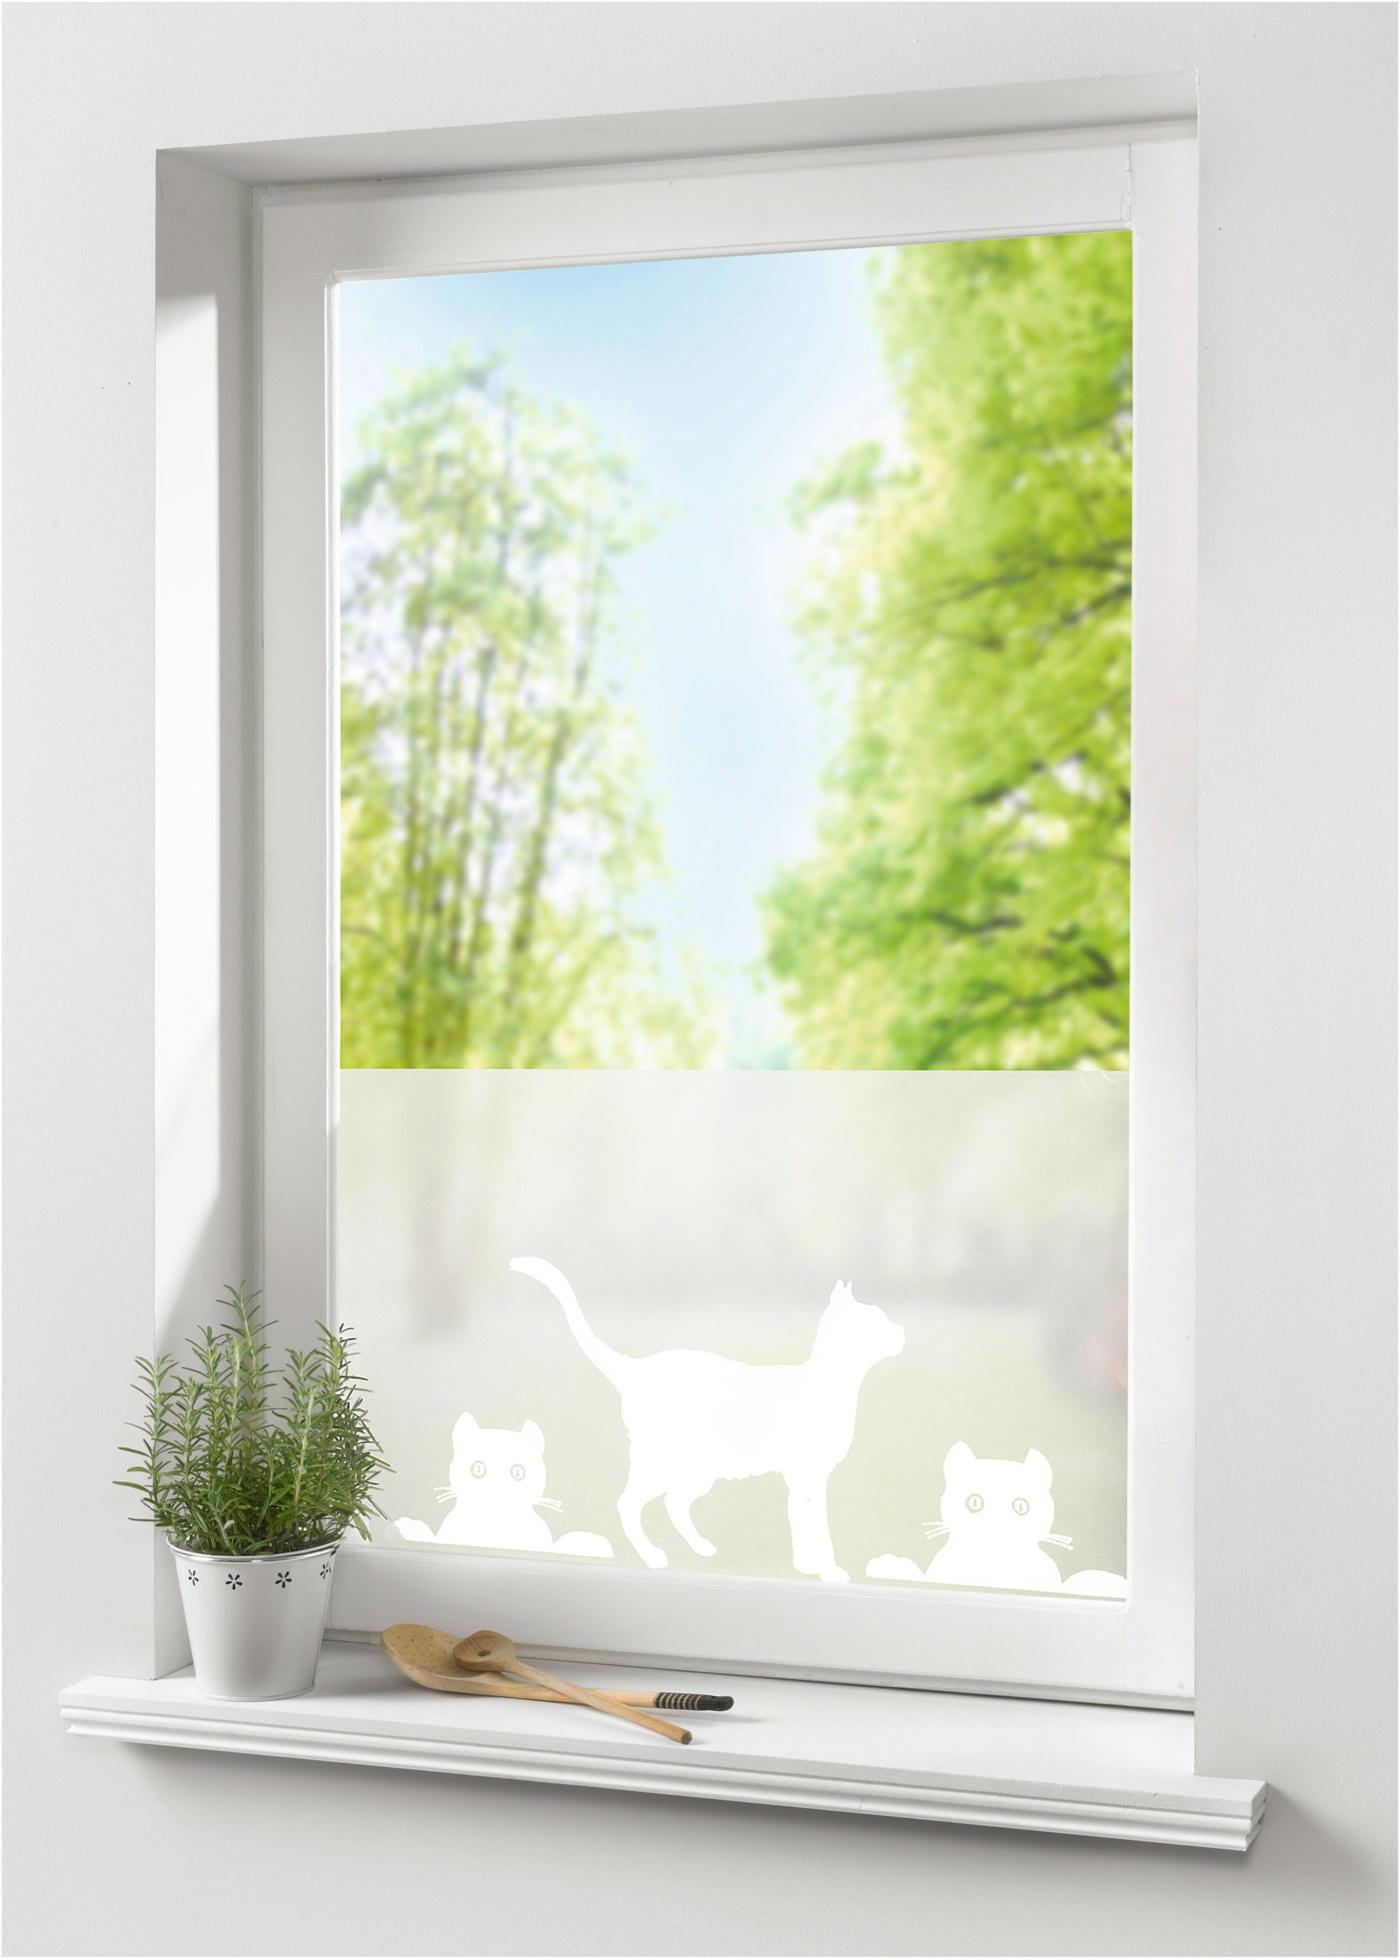 Fenster sichtschutzfolie g nstig kaufen for Fenster marken